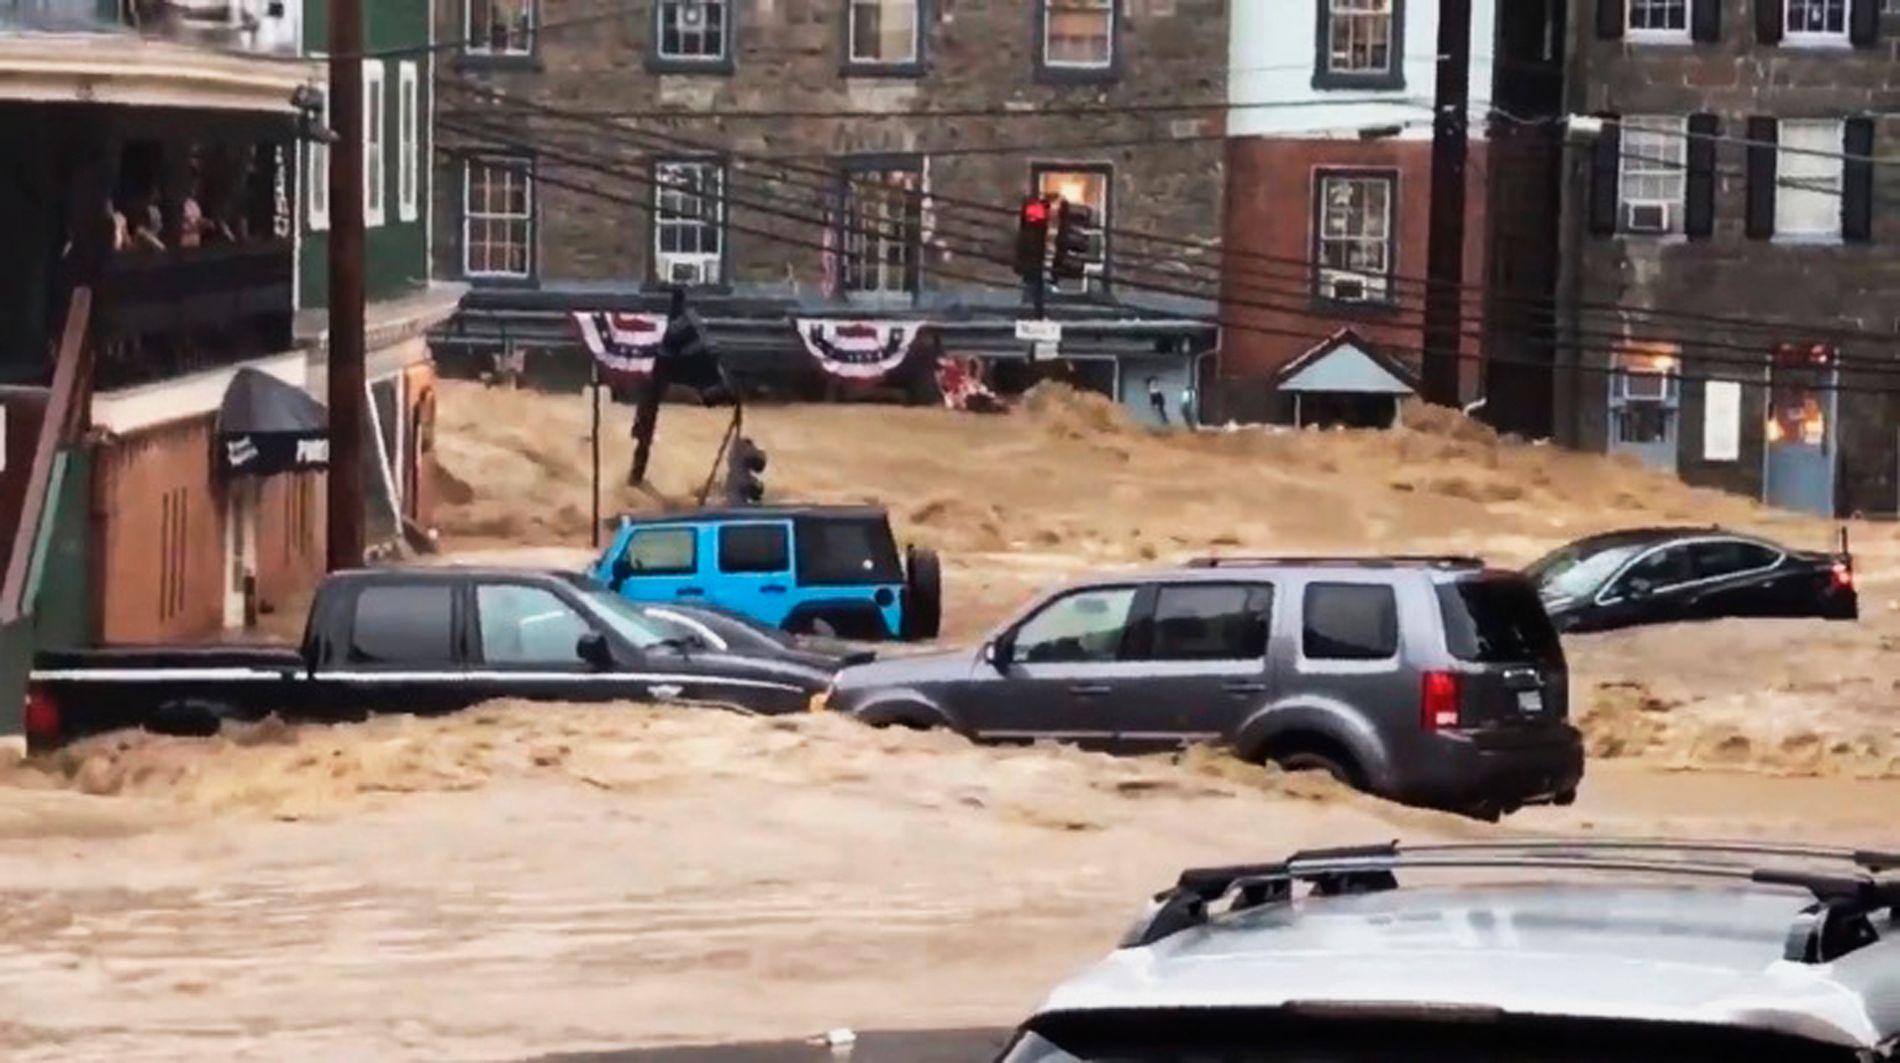 MYE VANN: Vannet som fosset nedover hovedgaten i Ellicott City tok med seg blant annet biler som sto parkert langs veien.